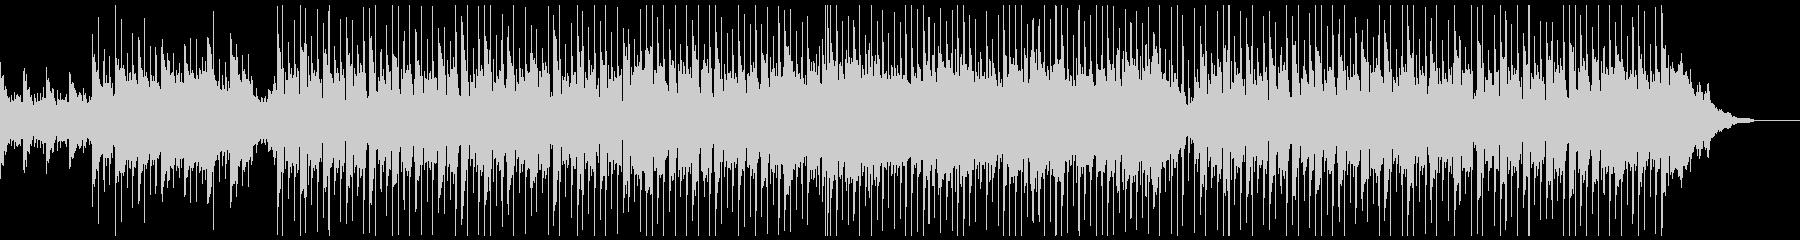 企業VP、ピアノ、4つ打ち、No.5-4の未再生の波形